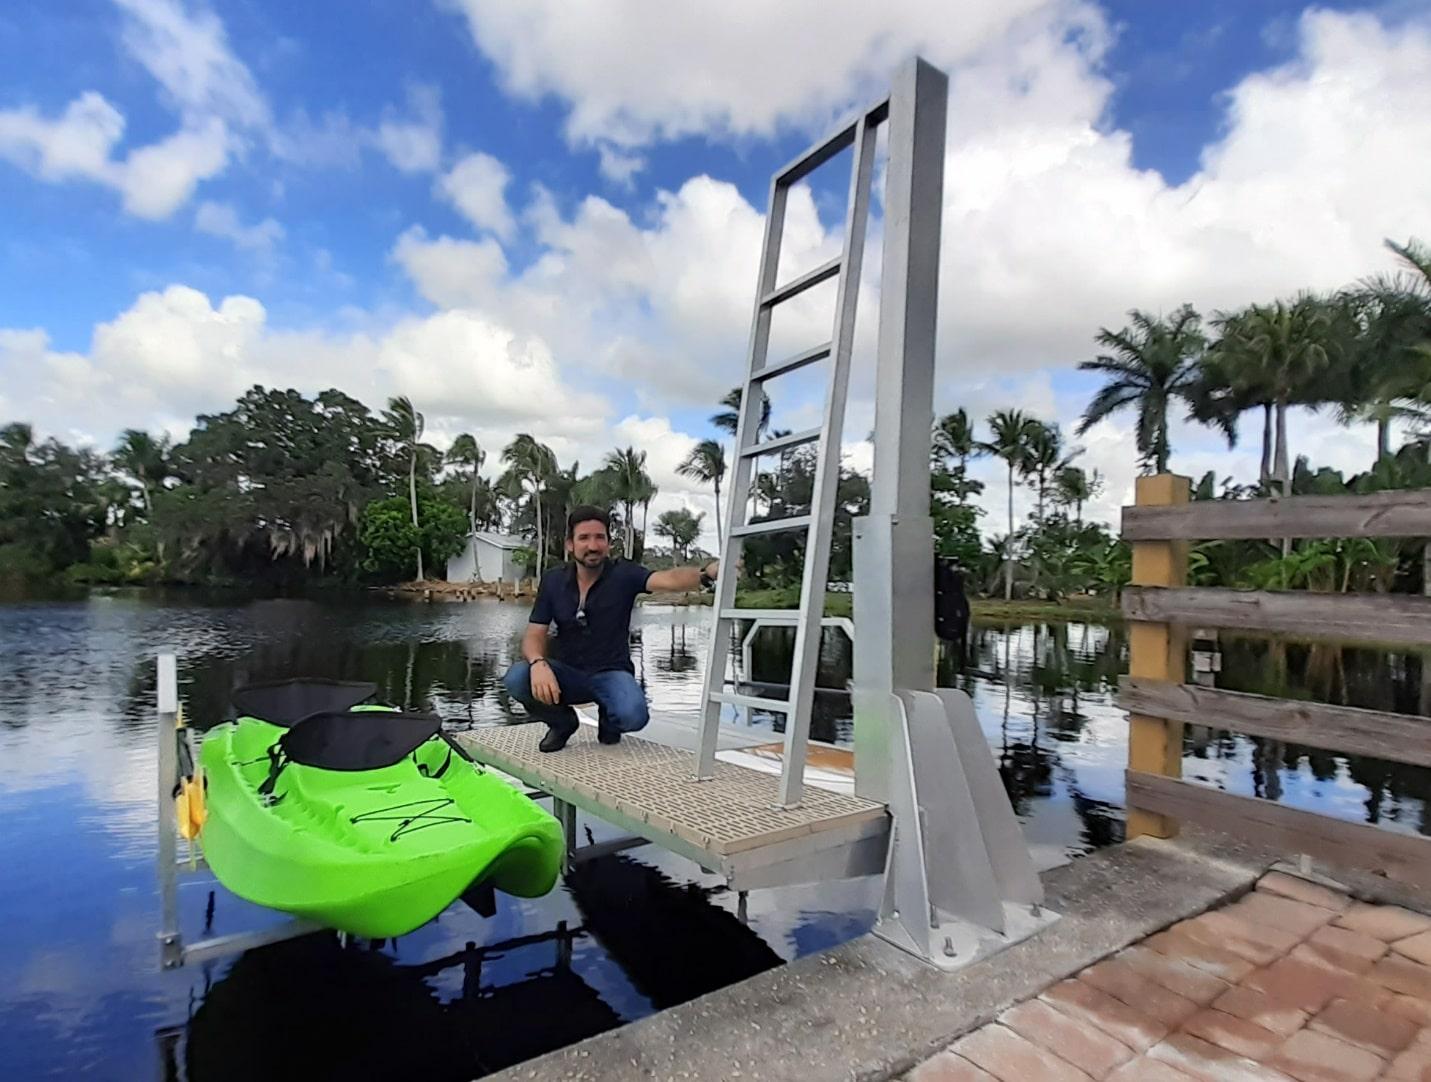 Anchoring The Dual Kayak Lift To Sea Wall